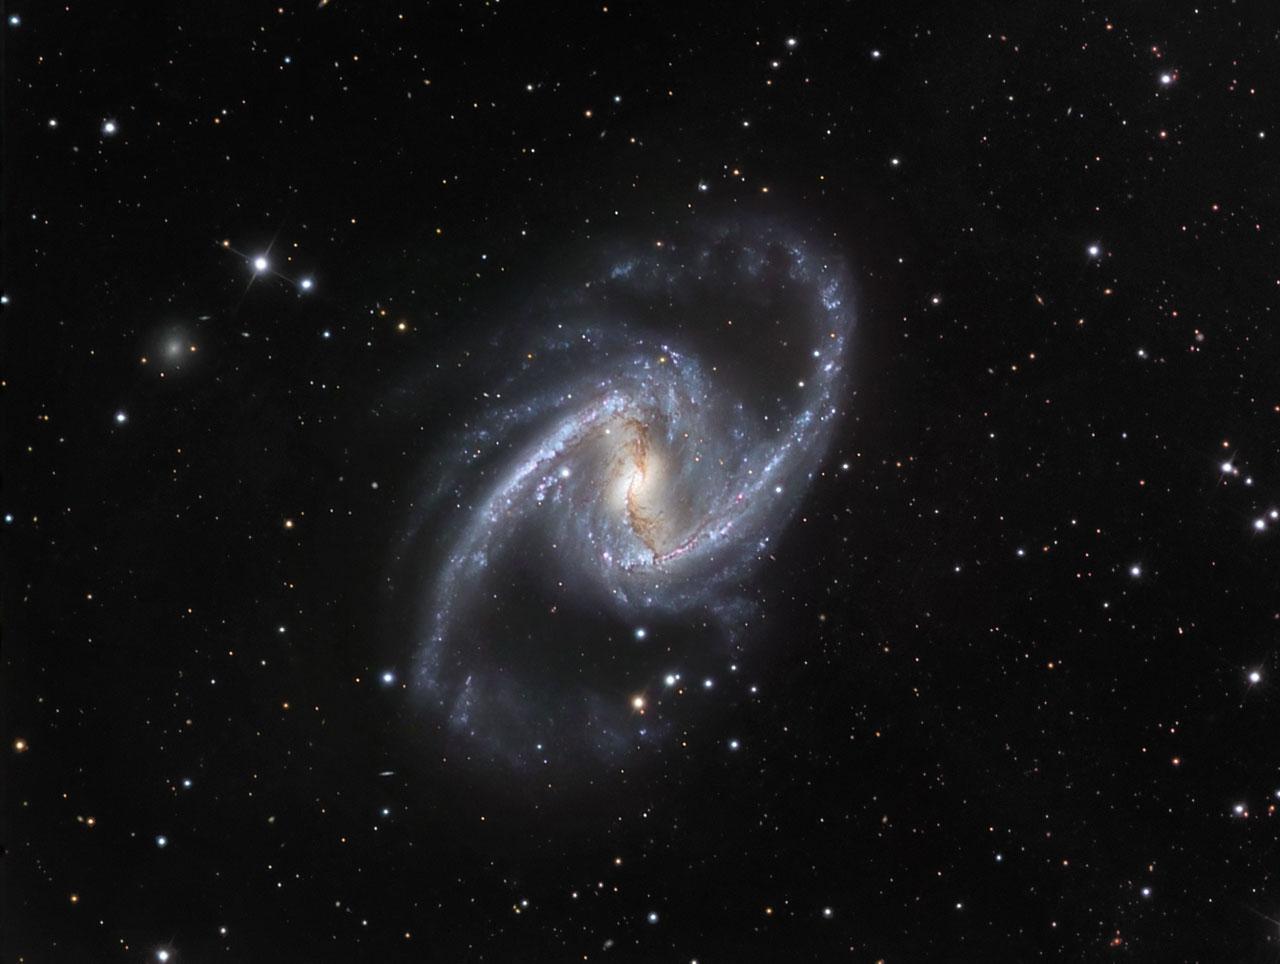 La gran galaxia espiral barrada